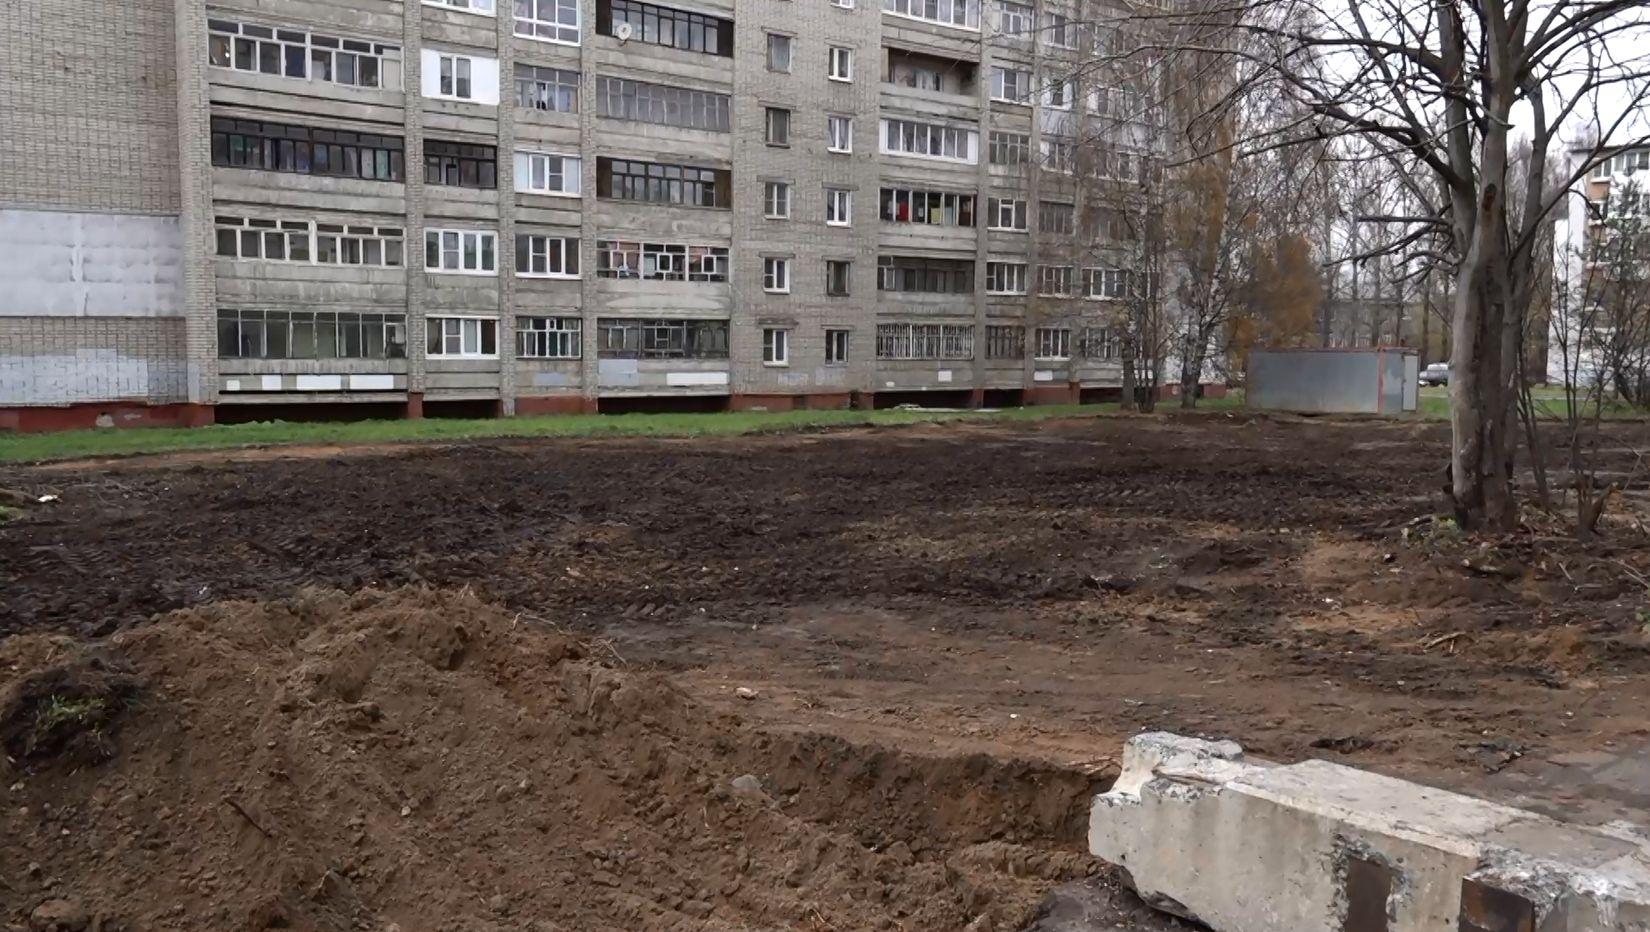 Жители домов по улице Нефтяников Ярославля жалуются на вырубку многолетних деревьев